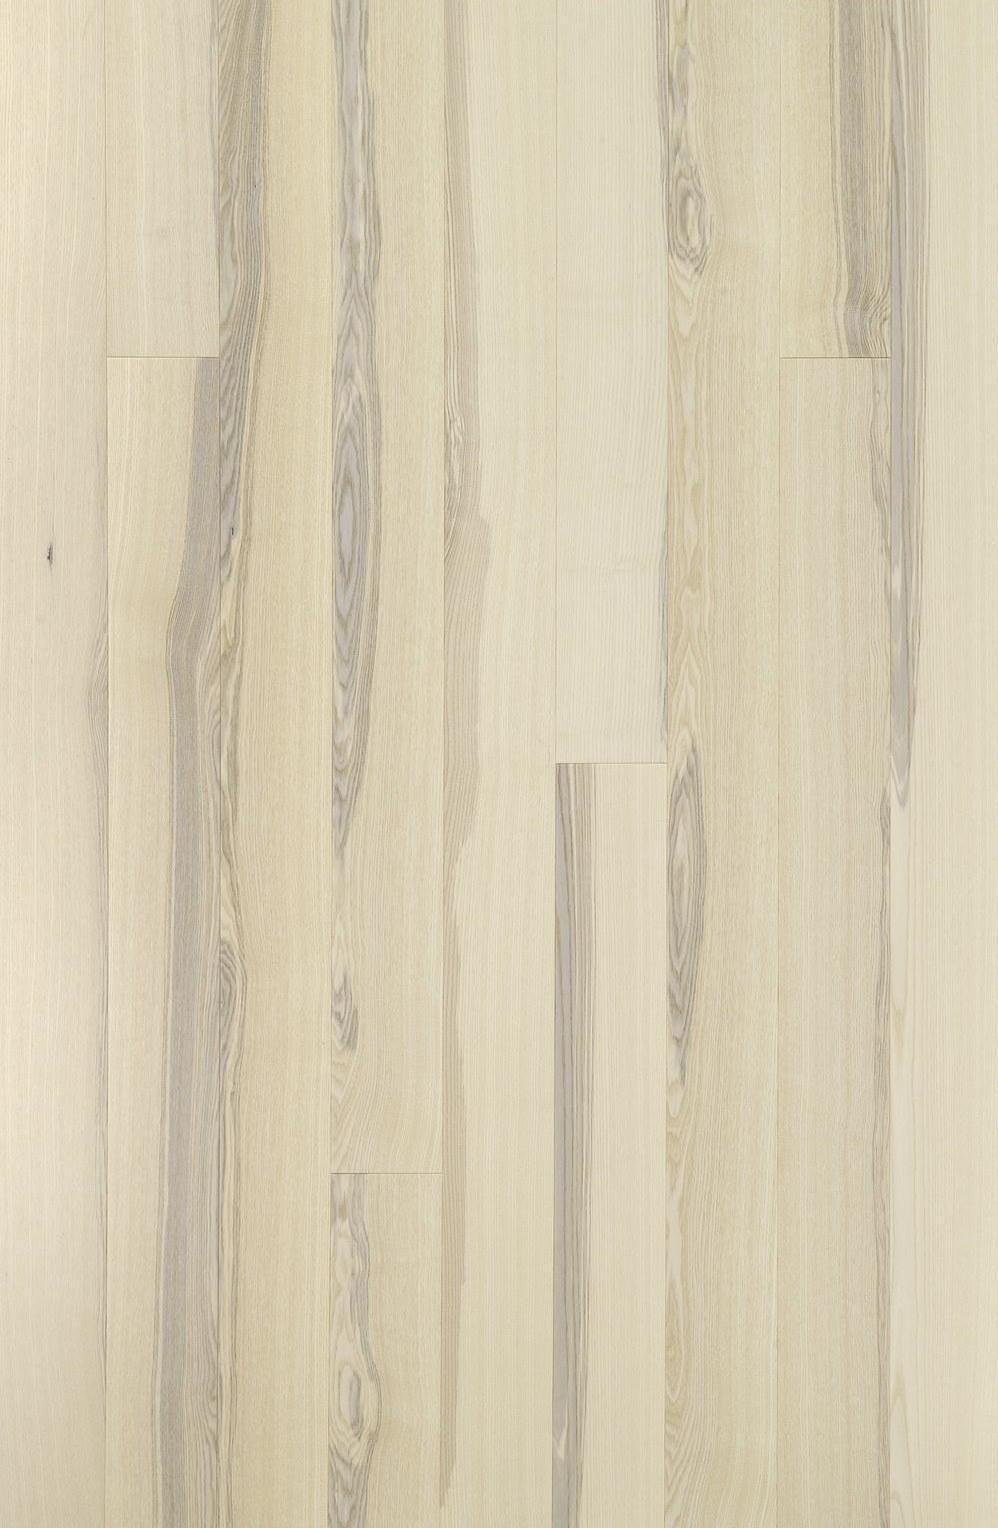 Timberwise Parketti Lankkuparketti Puulattia Wooden Floor Parquet Plank Saarni Ash Olive Valkomattalakattu White Matt Lacquered 2D1